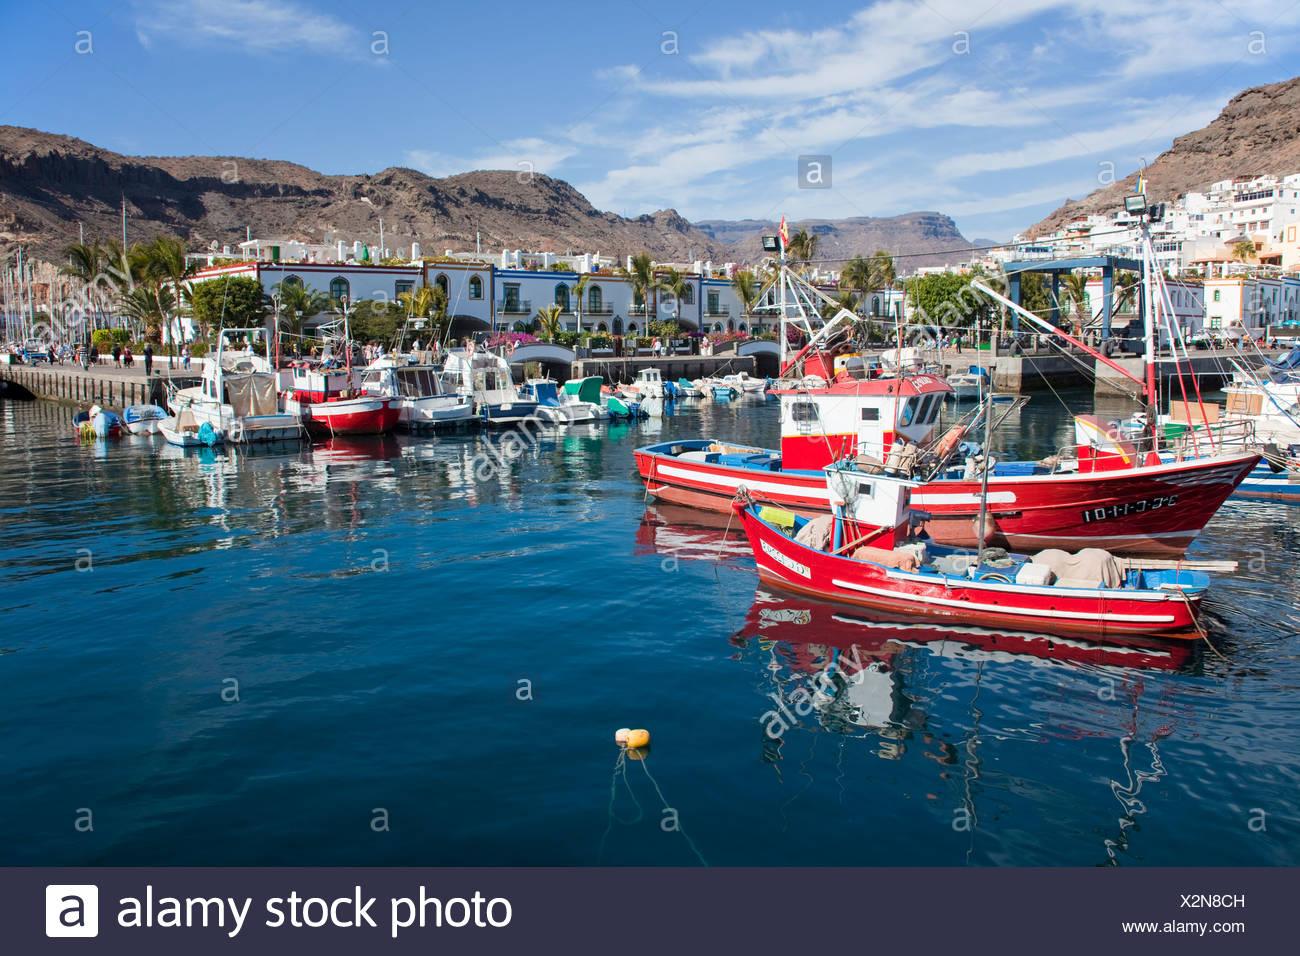 Angelboote/Fischerboote im Hafen von Puerto de Mogan, Gran Canaria, Kanarische Inseln, Spanien, Europa, Atlantik Stockbild